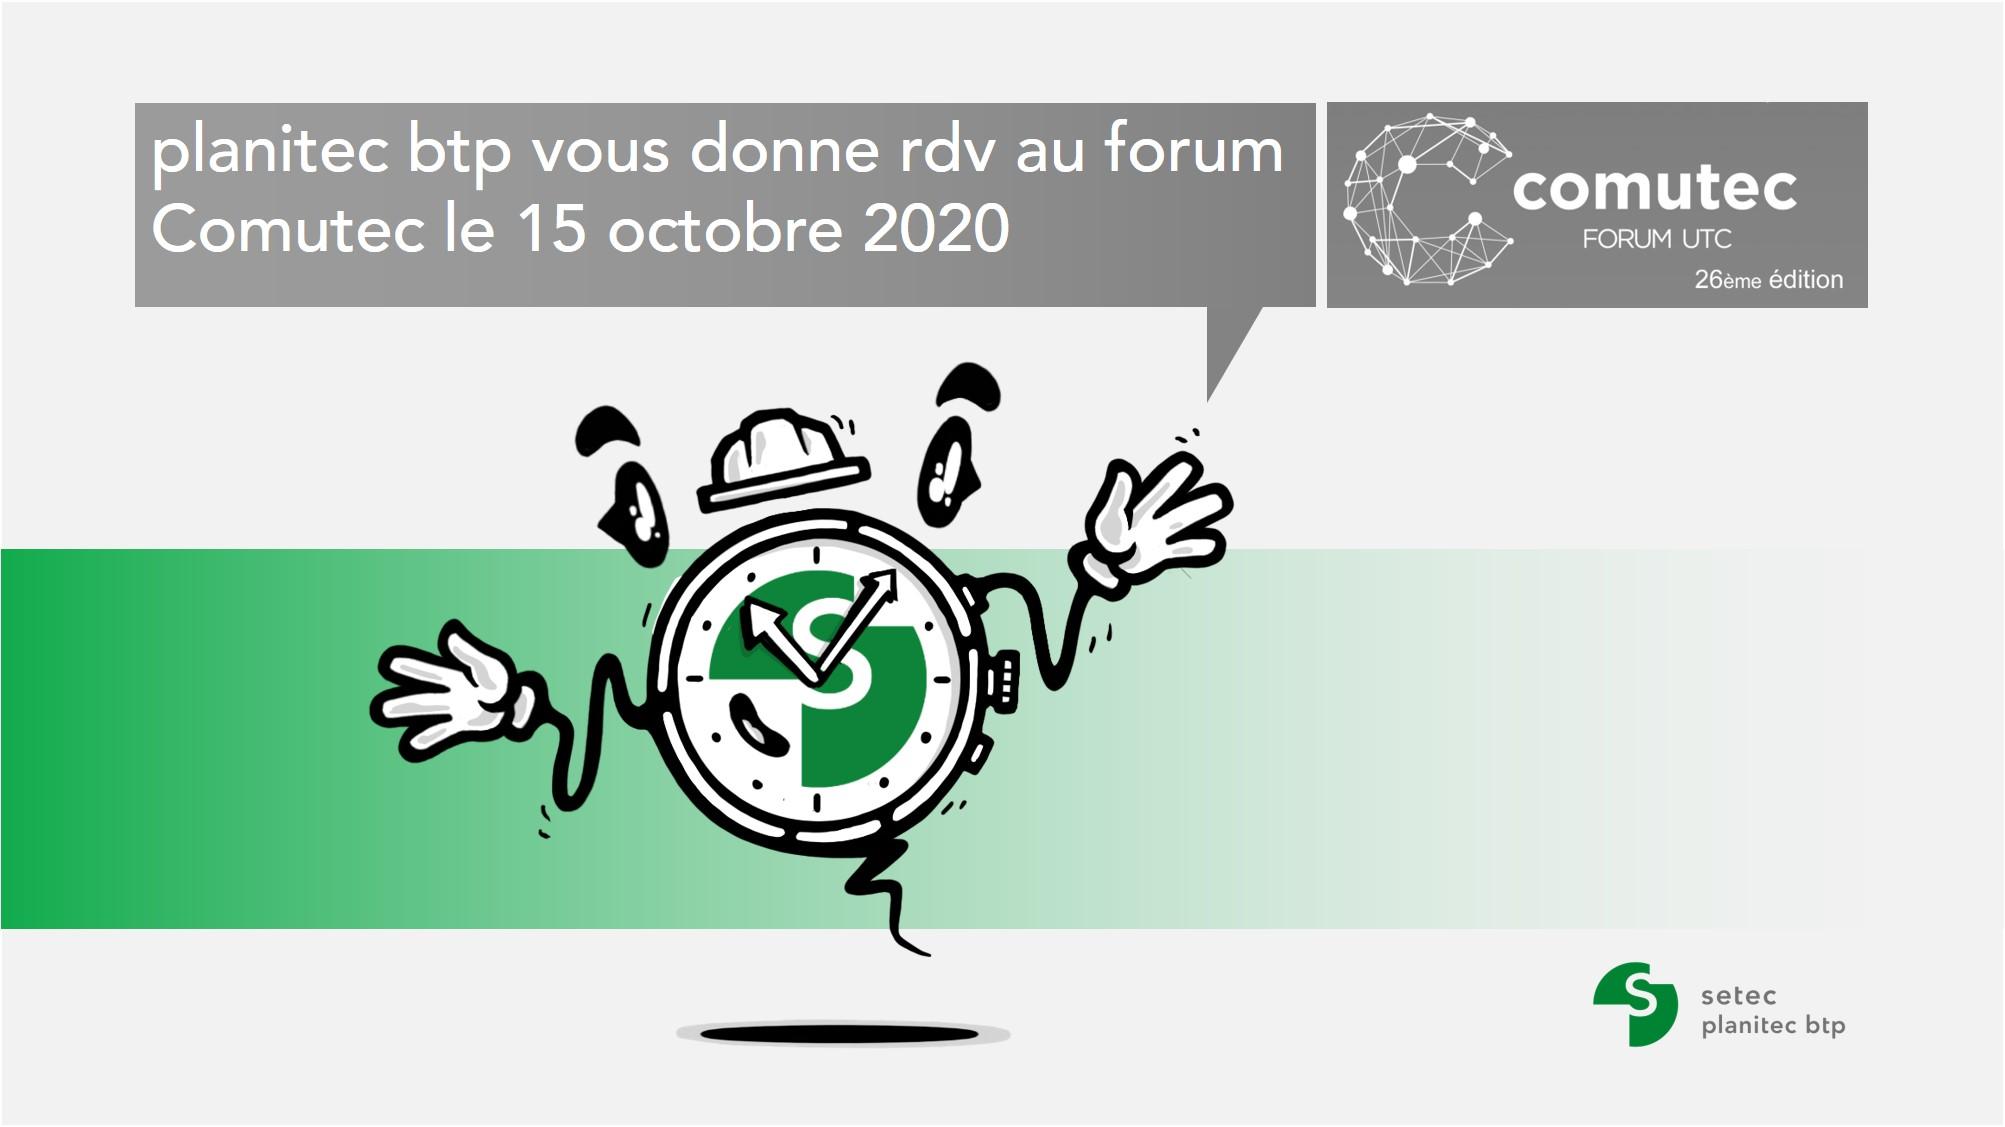 planitec btp sera présent au forum comutec 2020